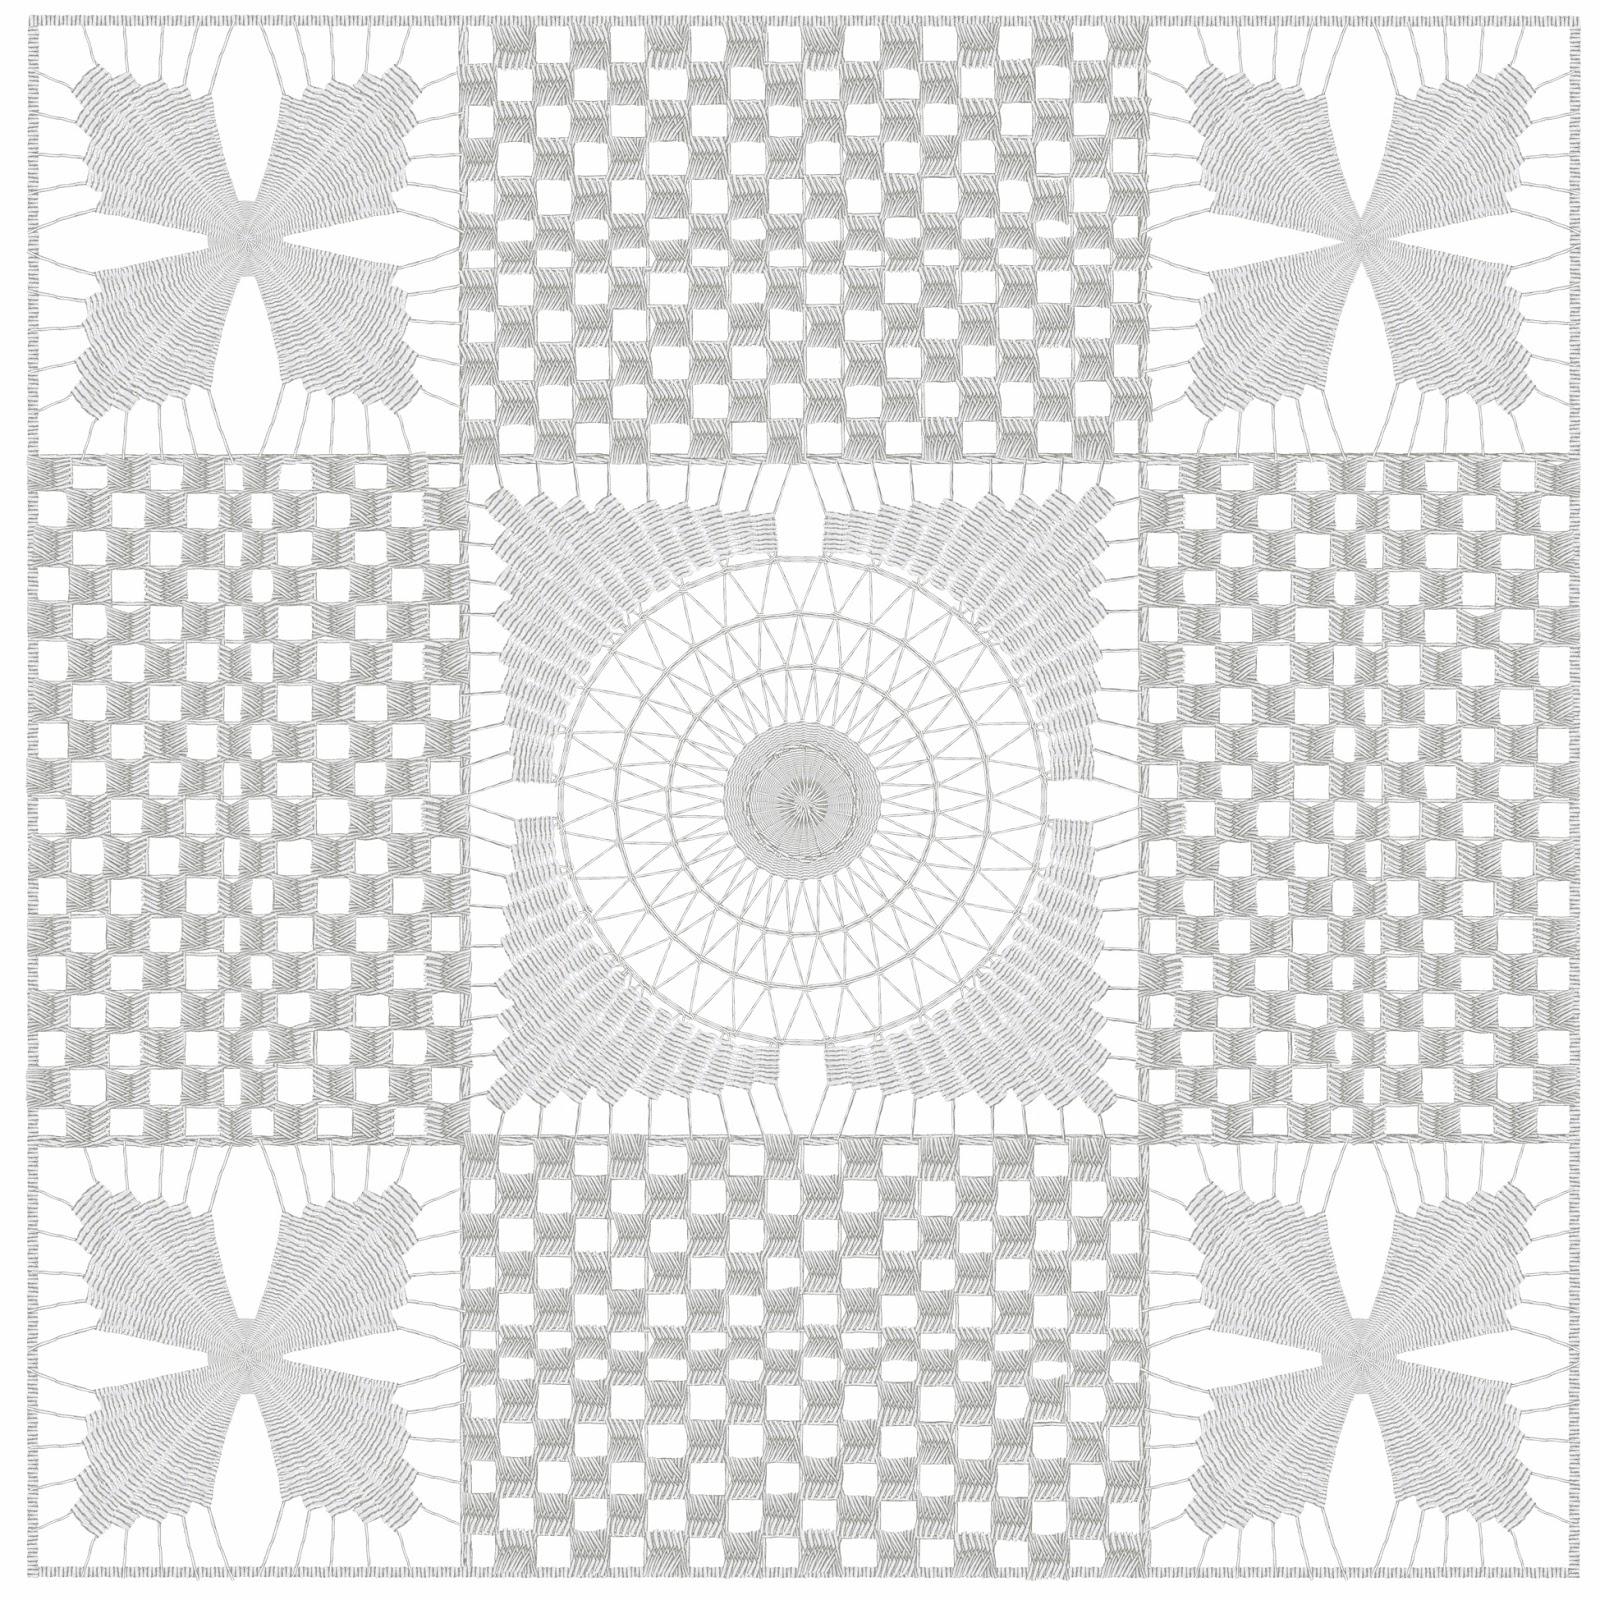 hilorama 3,  Congo, geometrias, hilo, dibujo